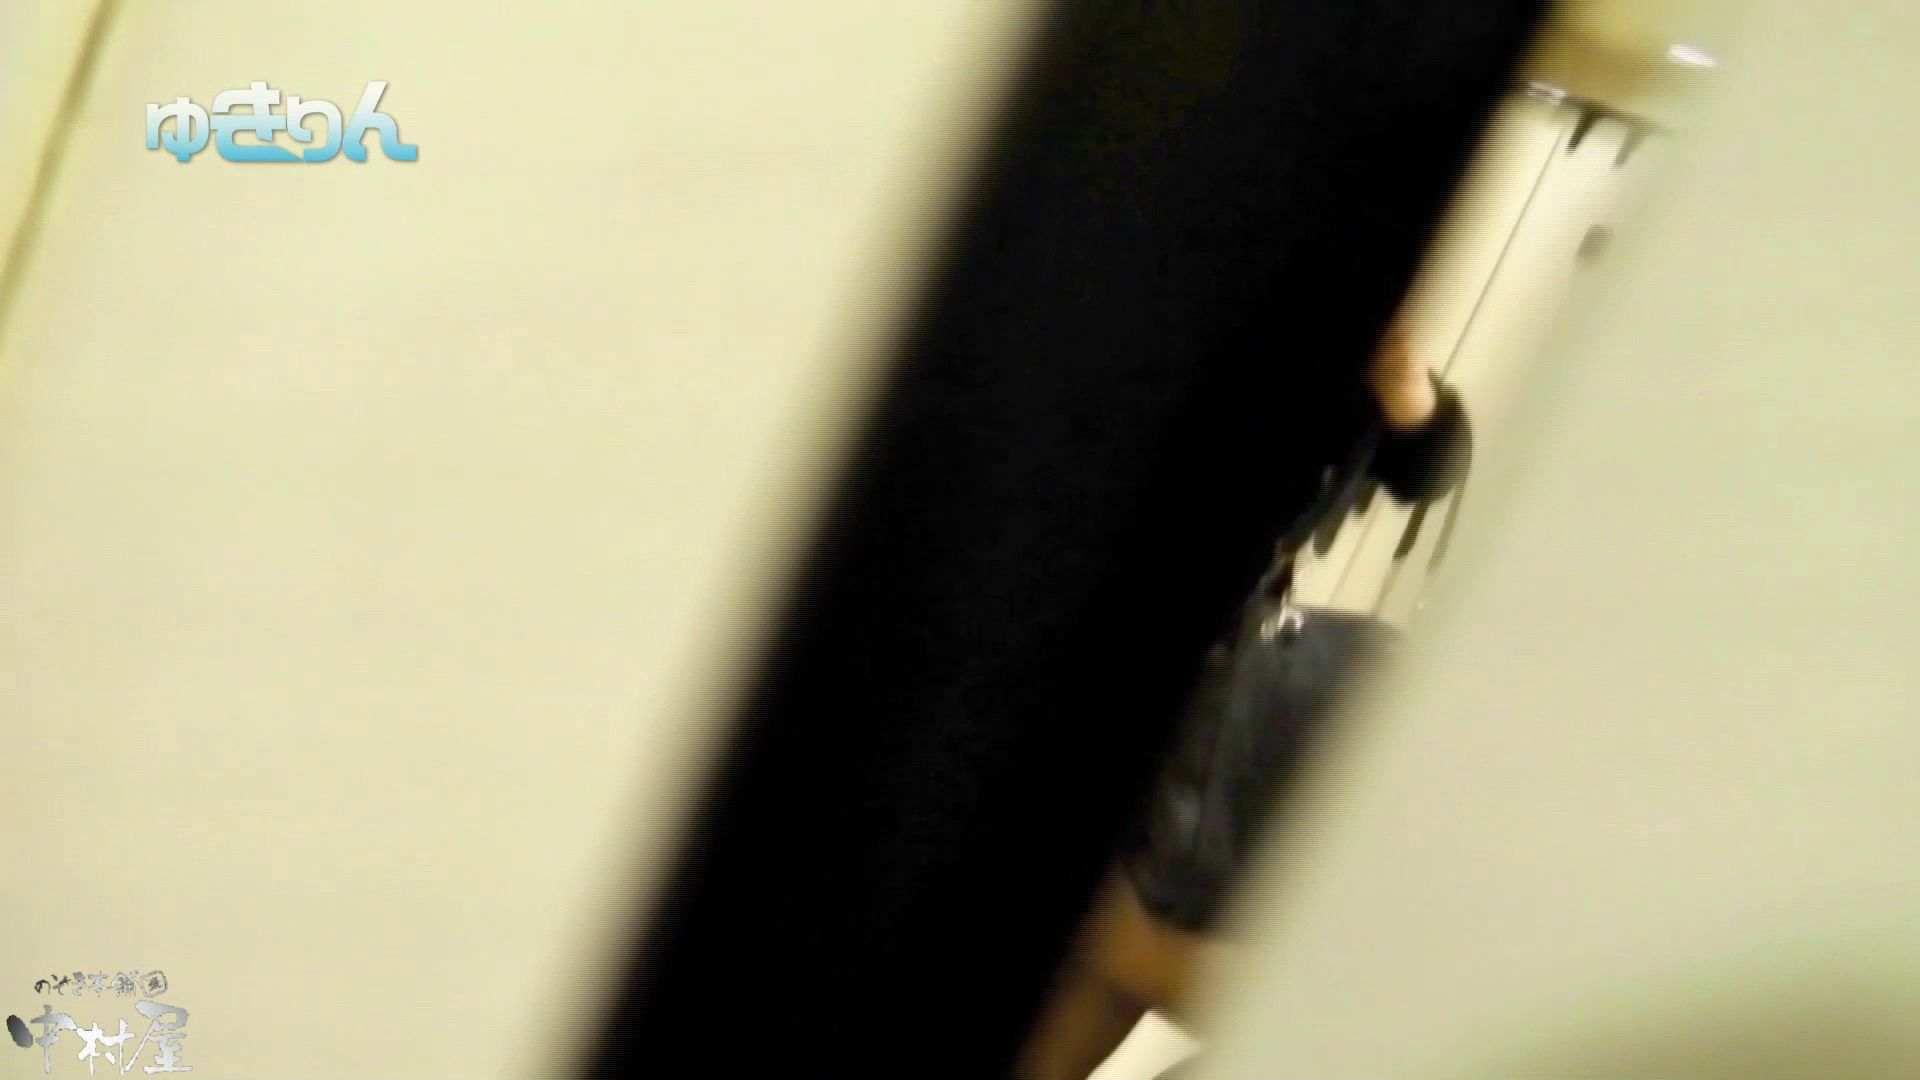 【世界の射窓から~ステーション編~】ステーション編 vol54 便秘のせいで長蛇の列、じっくり撮らせて頂きました後編 OLハメ撮り  44Pix 42